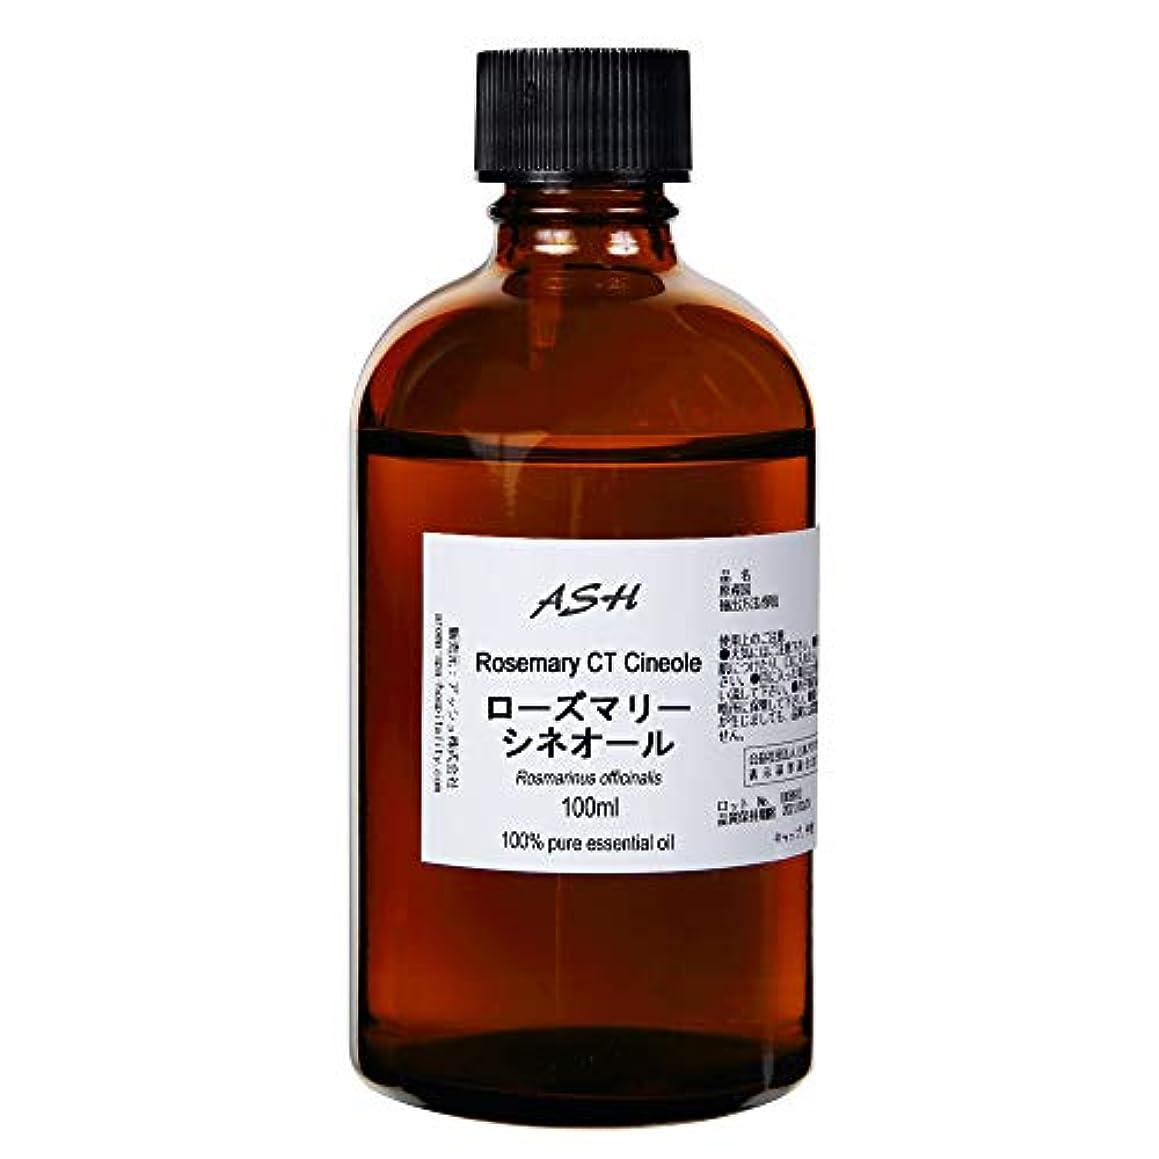 蜜強化科学ASH ローズマリー (CTシネオール) エッセンシャルオイル 100ml AEAJ表示基準適合認定精油